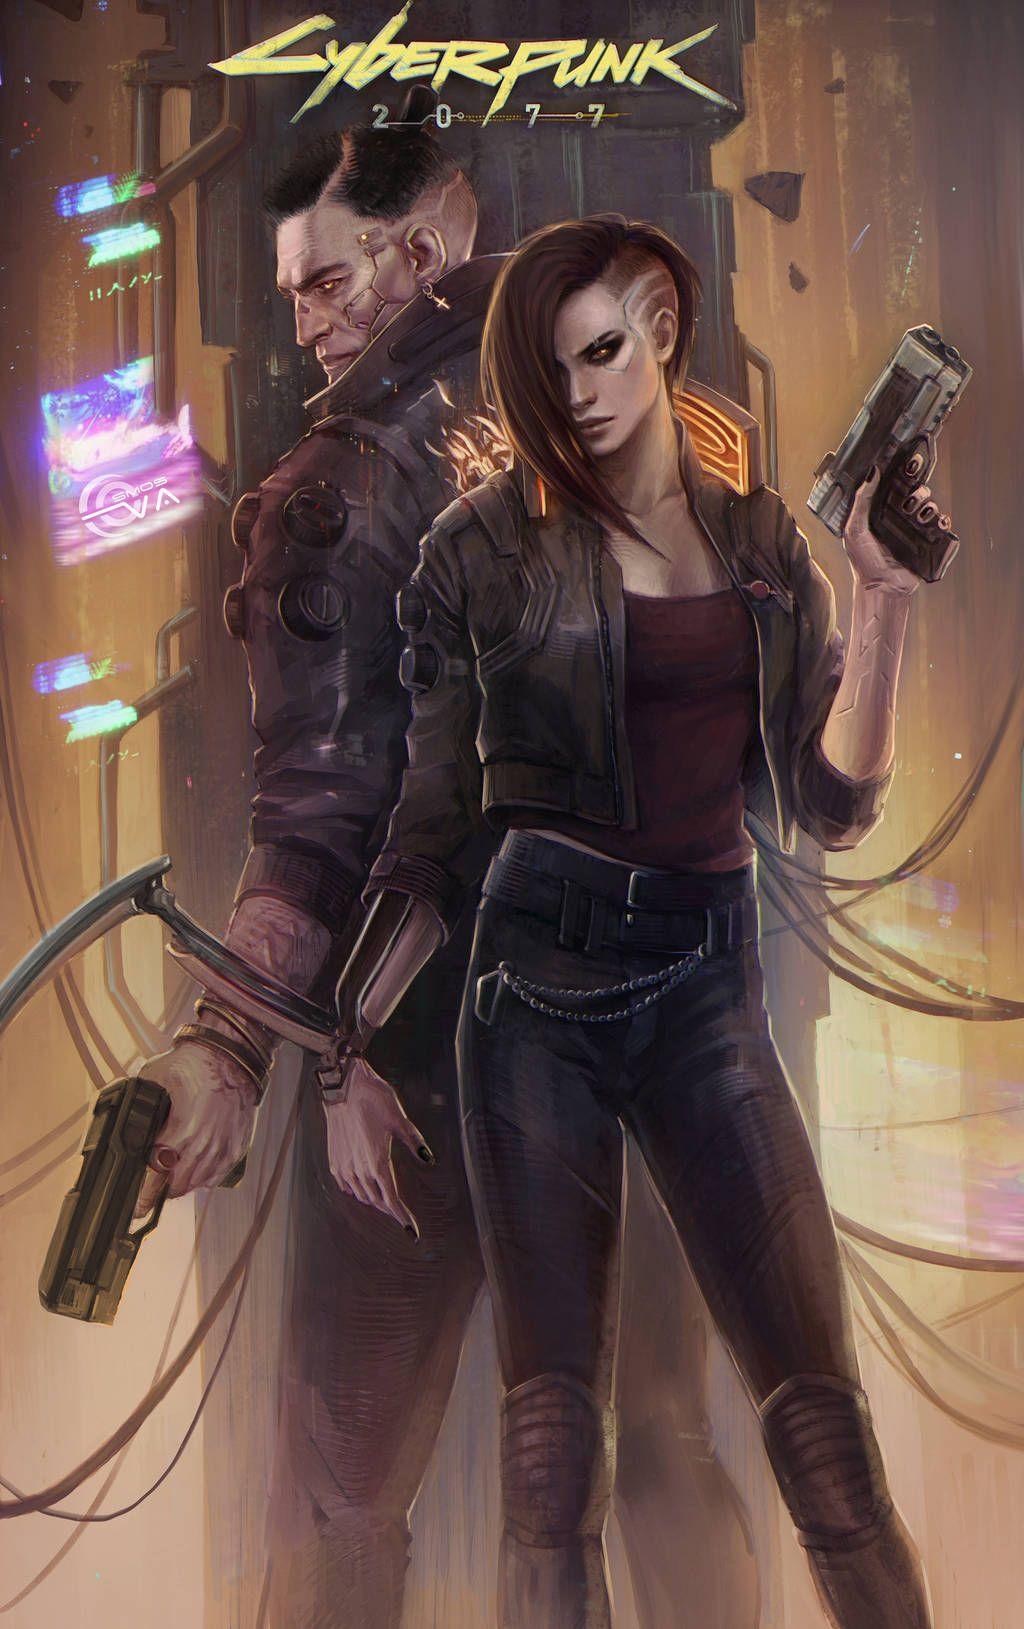 Cyberpunk 2077 Fan Art By Evakosmos On Deviantart Cyberpunk Aesthetic Cyberpunk Art Cyberpunk Character